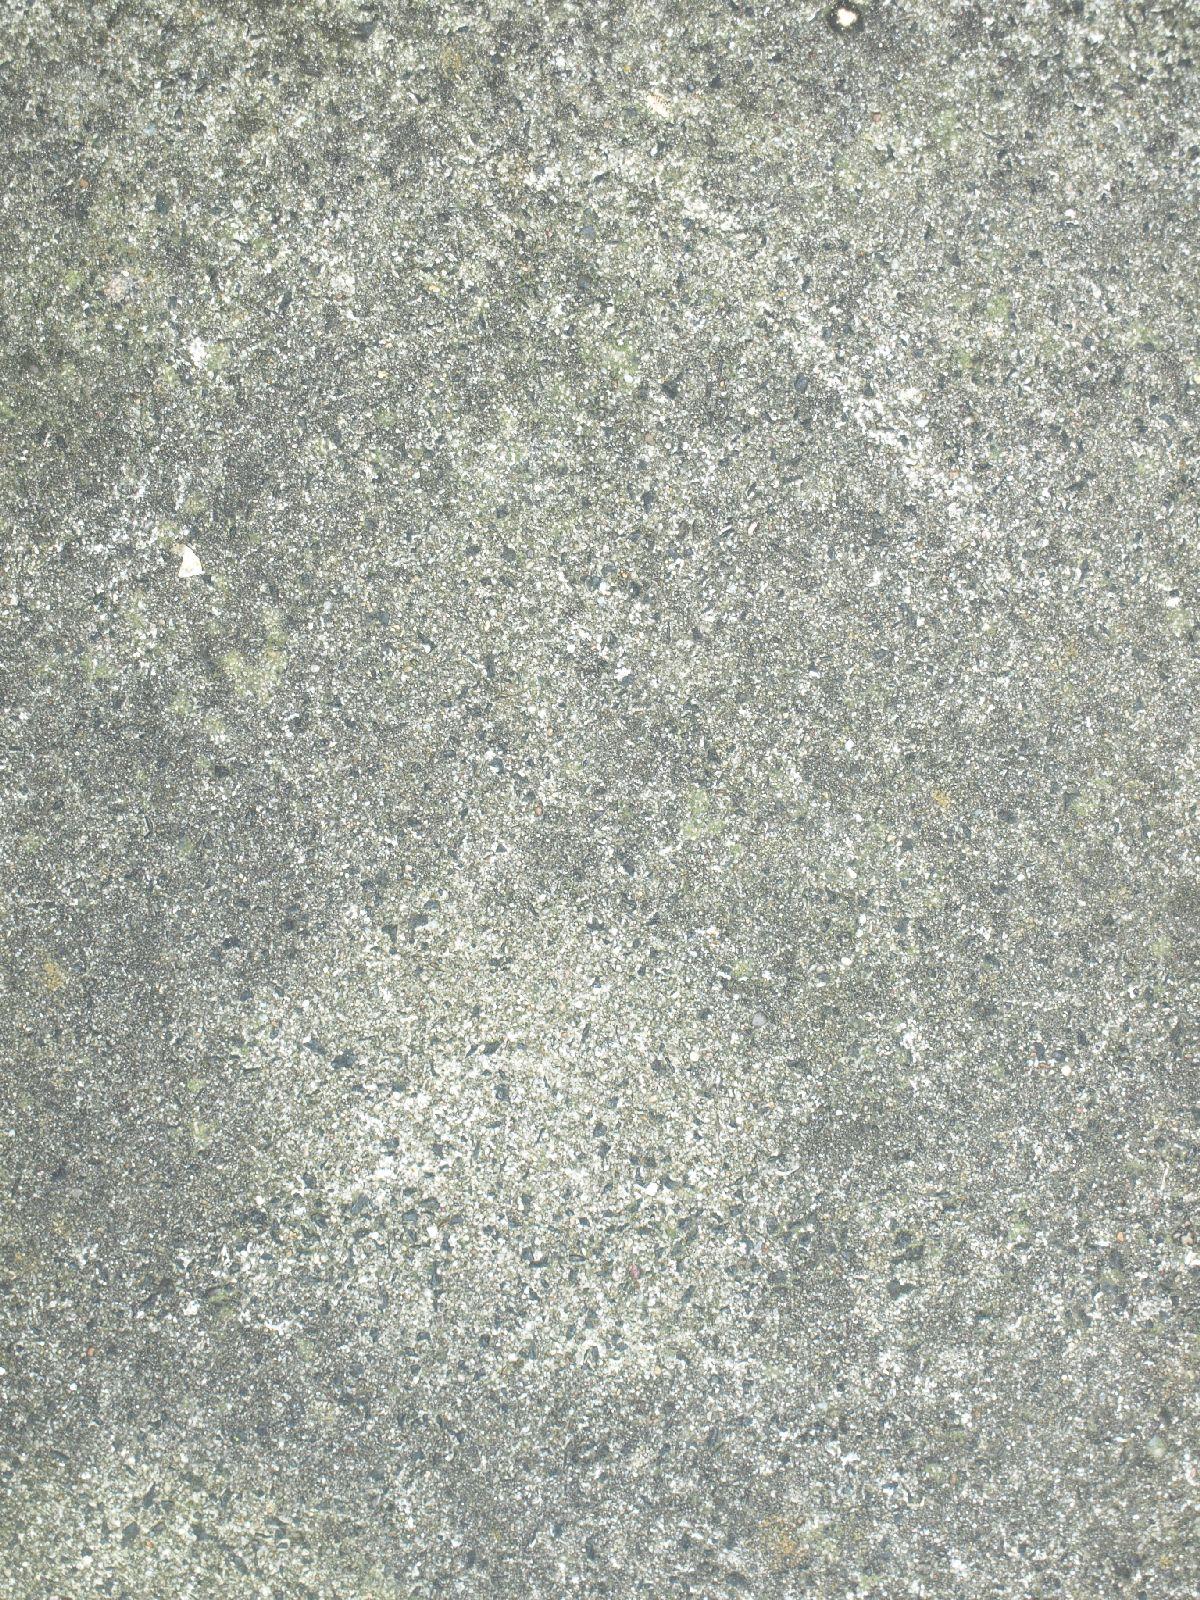 Ground-Urban_Texture_A_P9114824